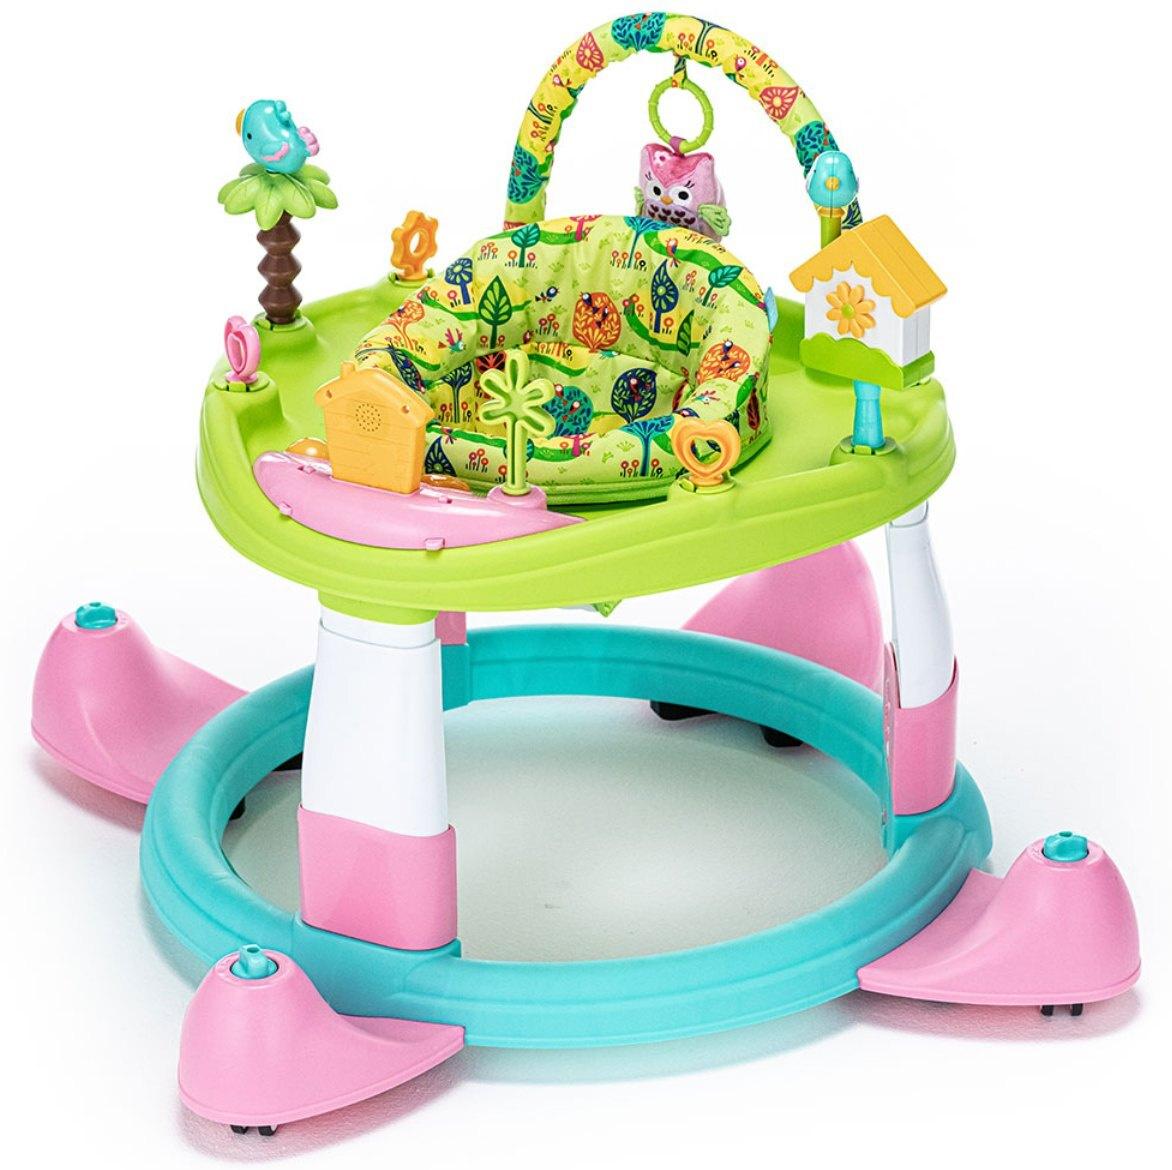 Детские ходунки Nuovita Gioco (Verde rosa/Зелено-розовый) #1